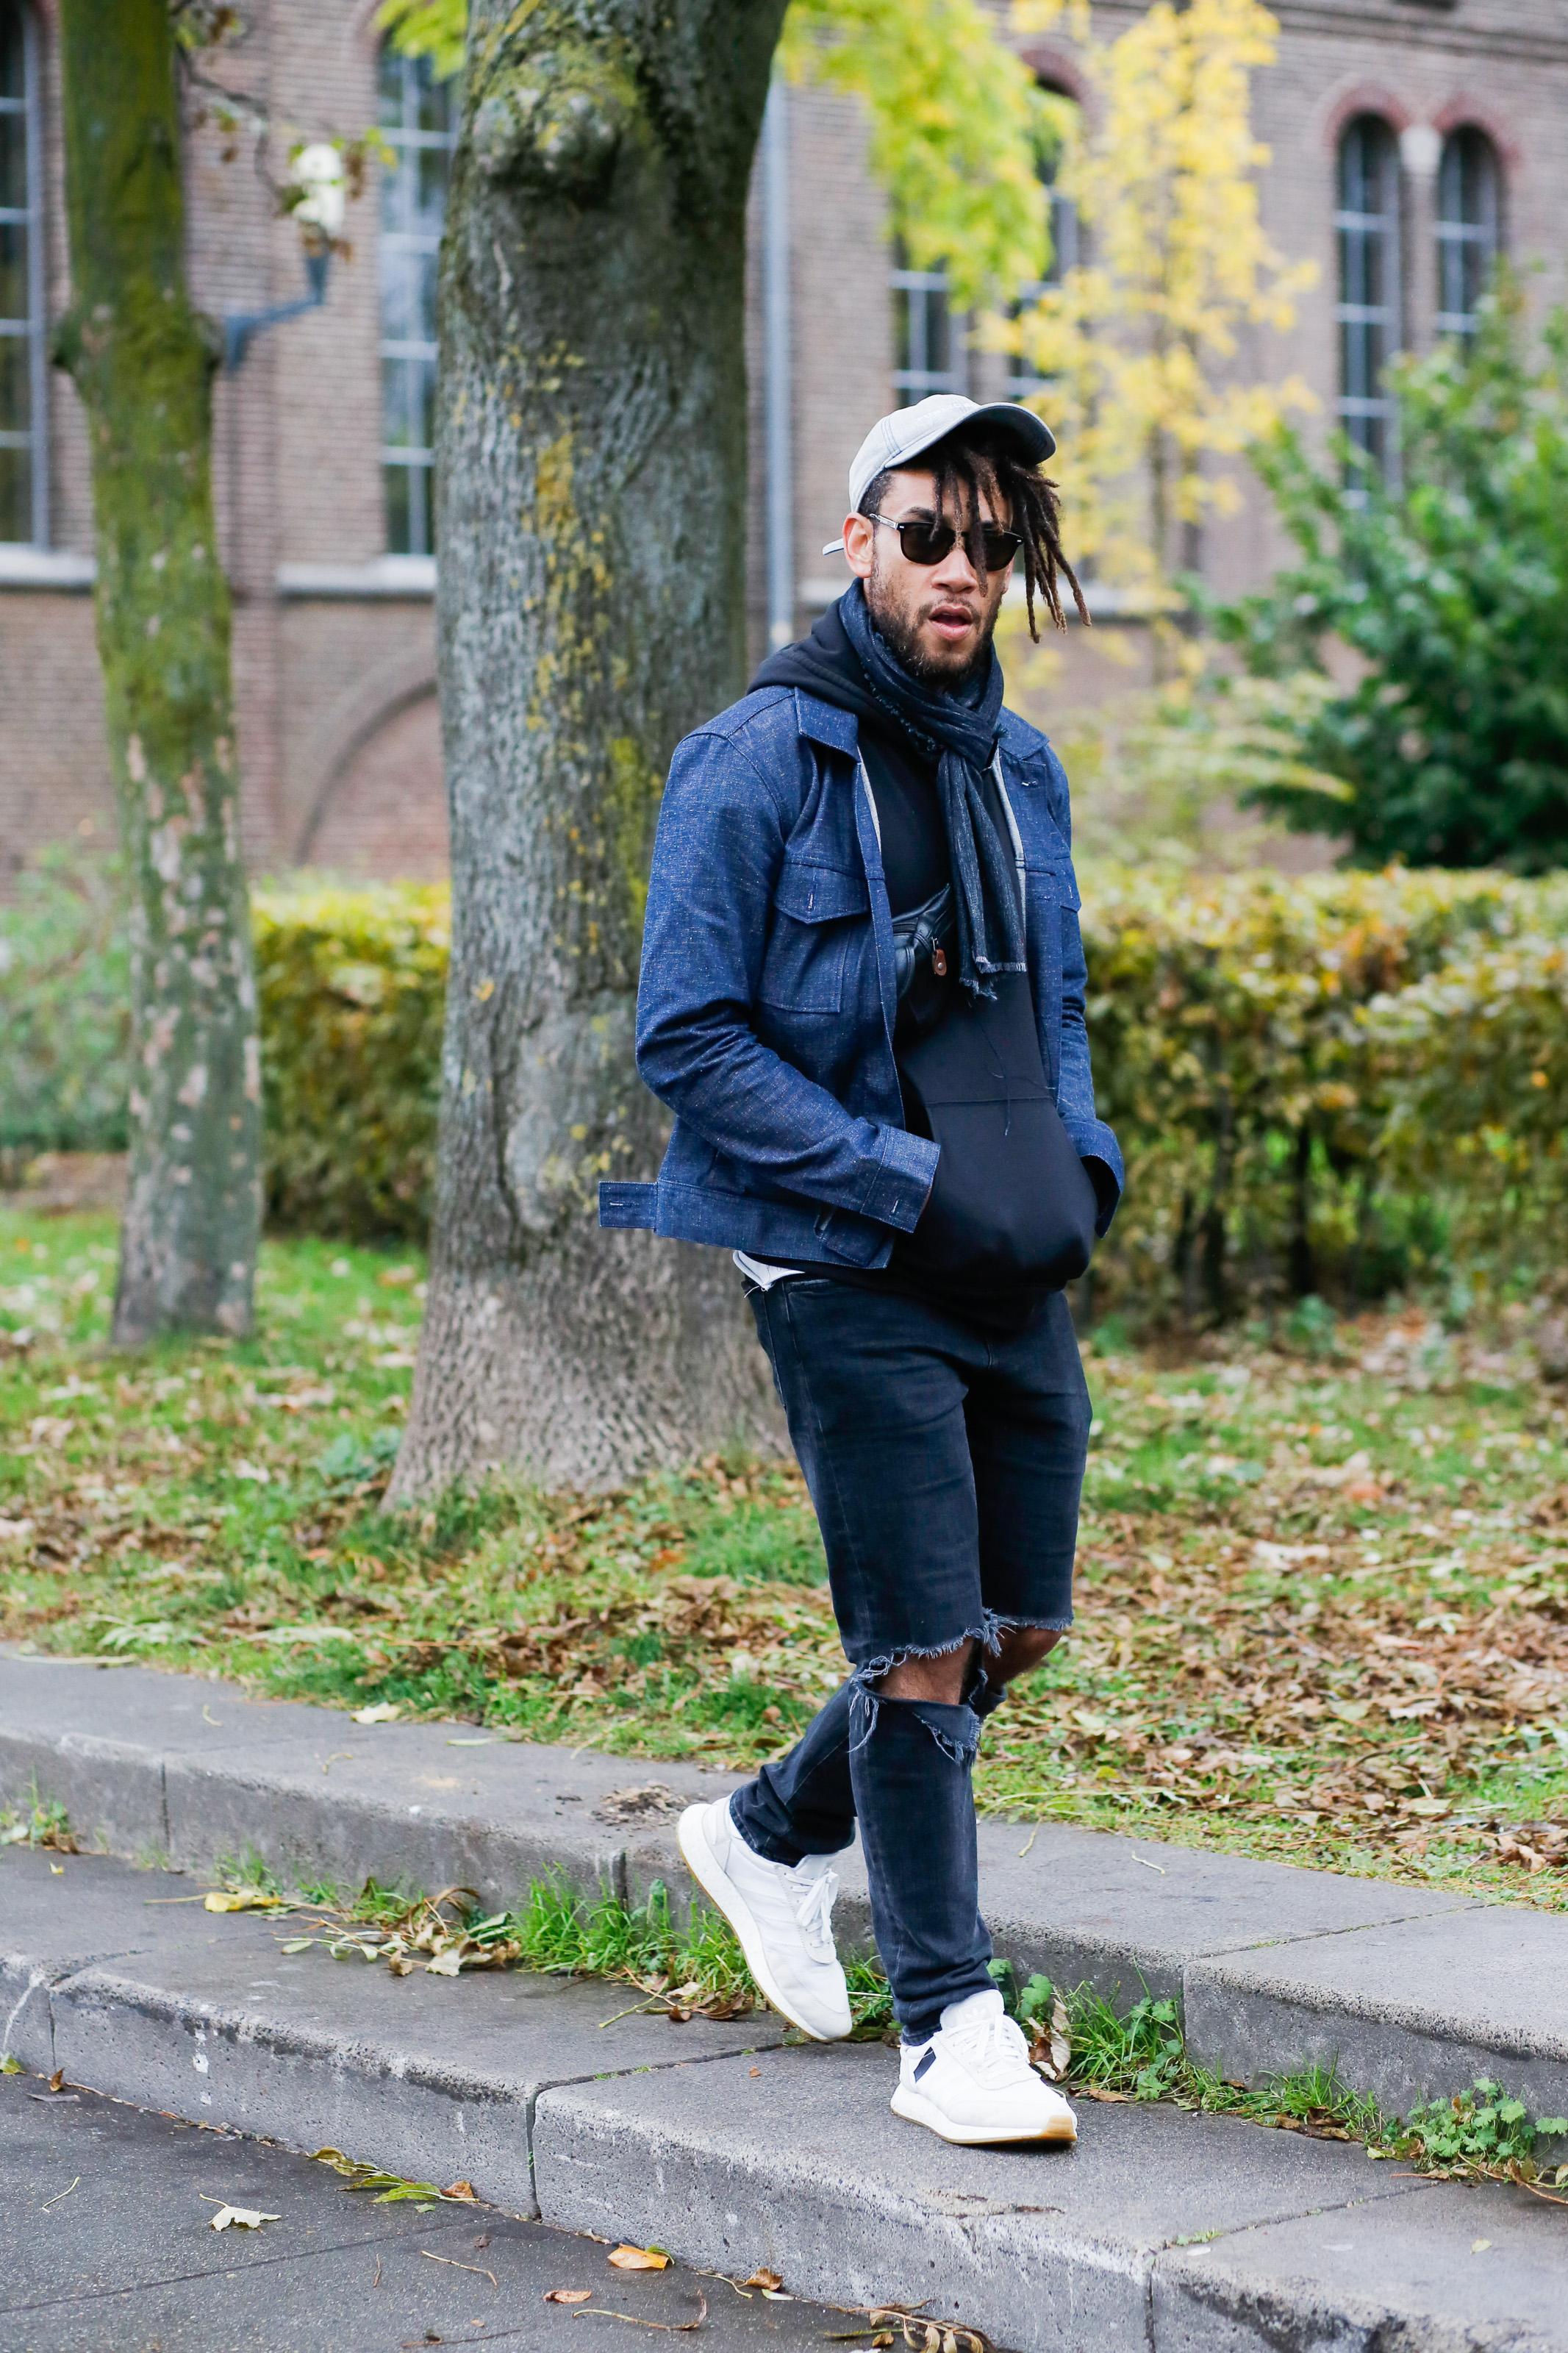 Kingpins Amsterdam 2018 Streetwear